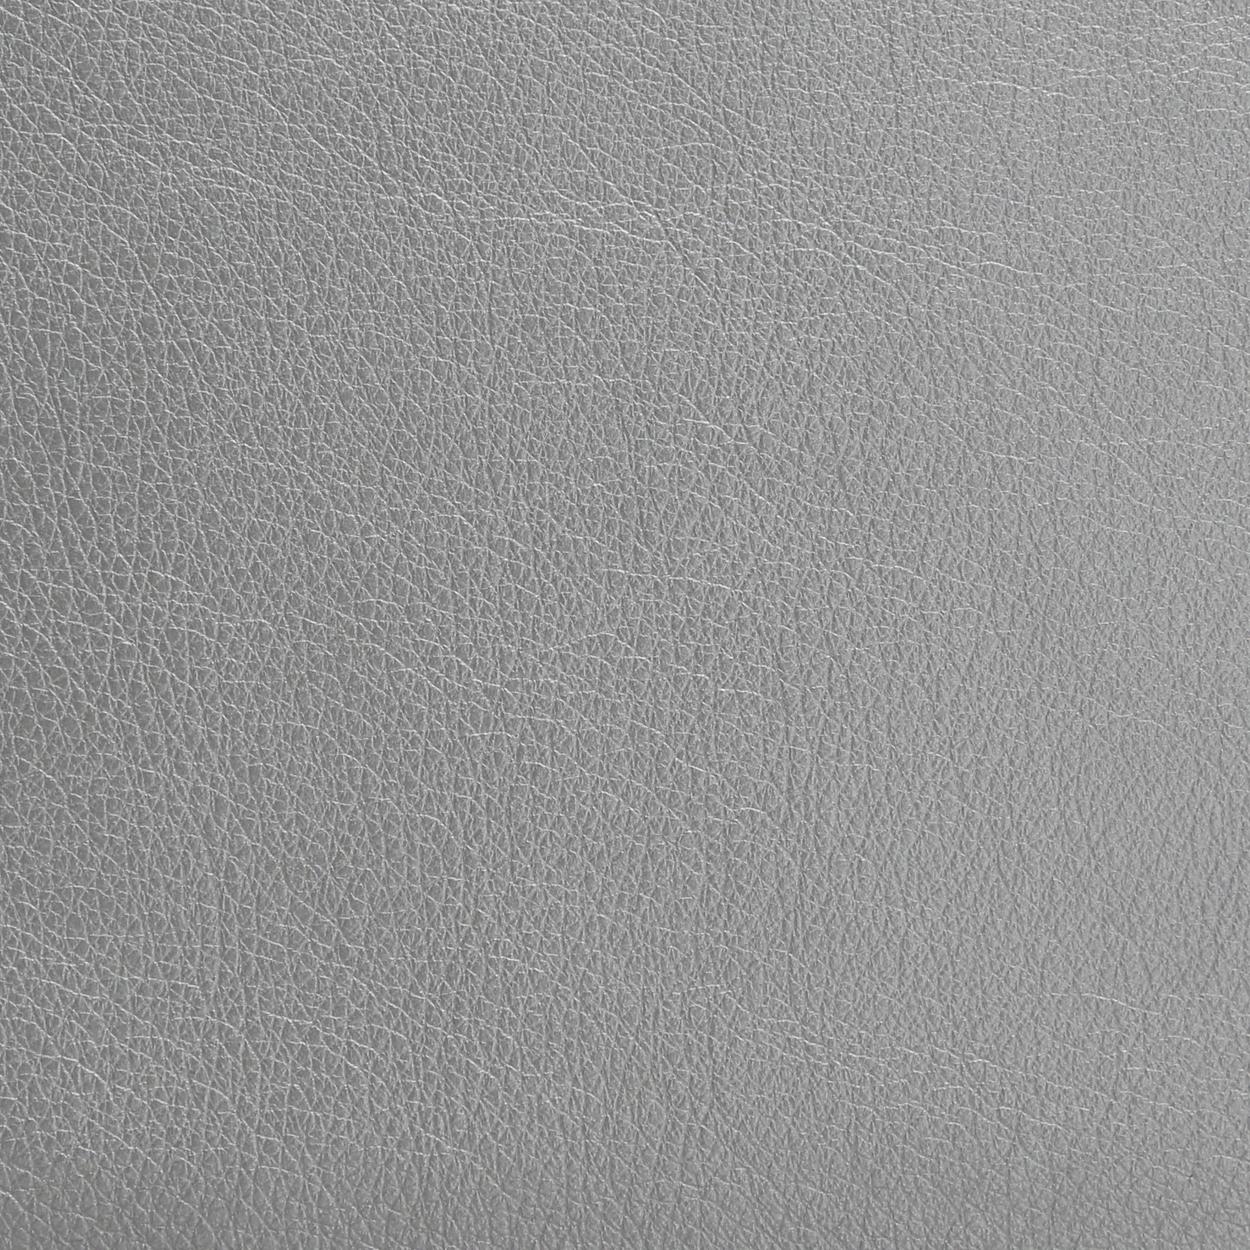 Leather-Pearlescent-Quartz